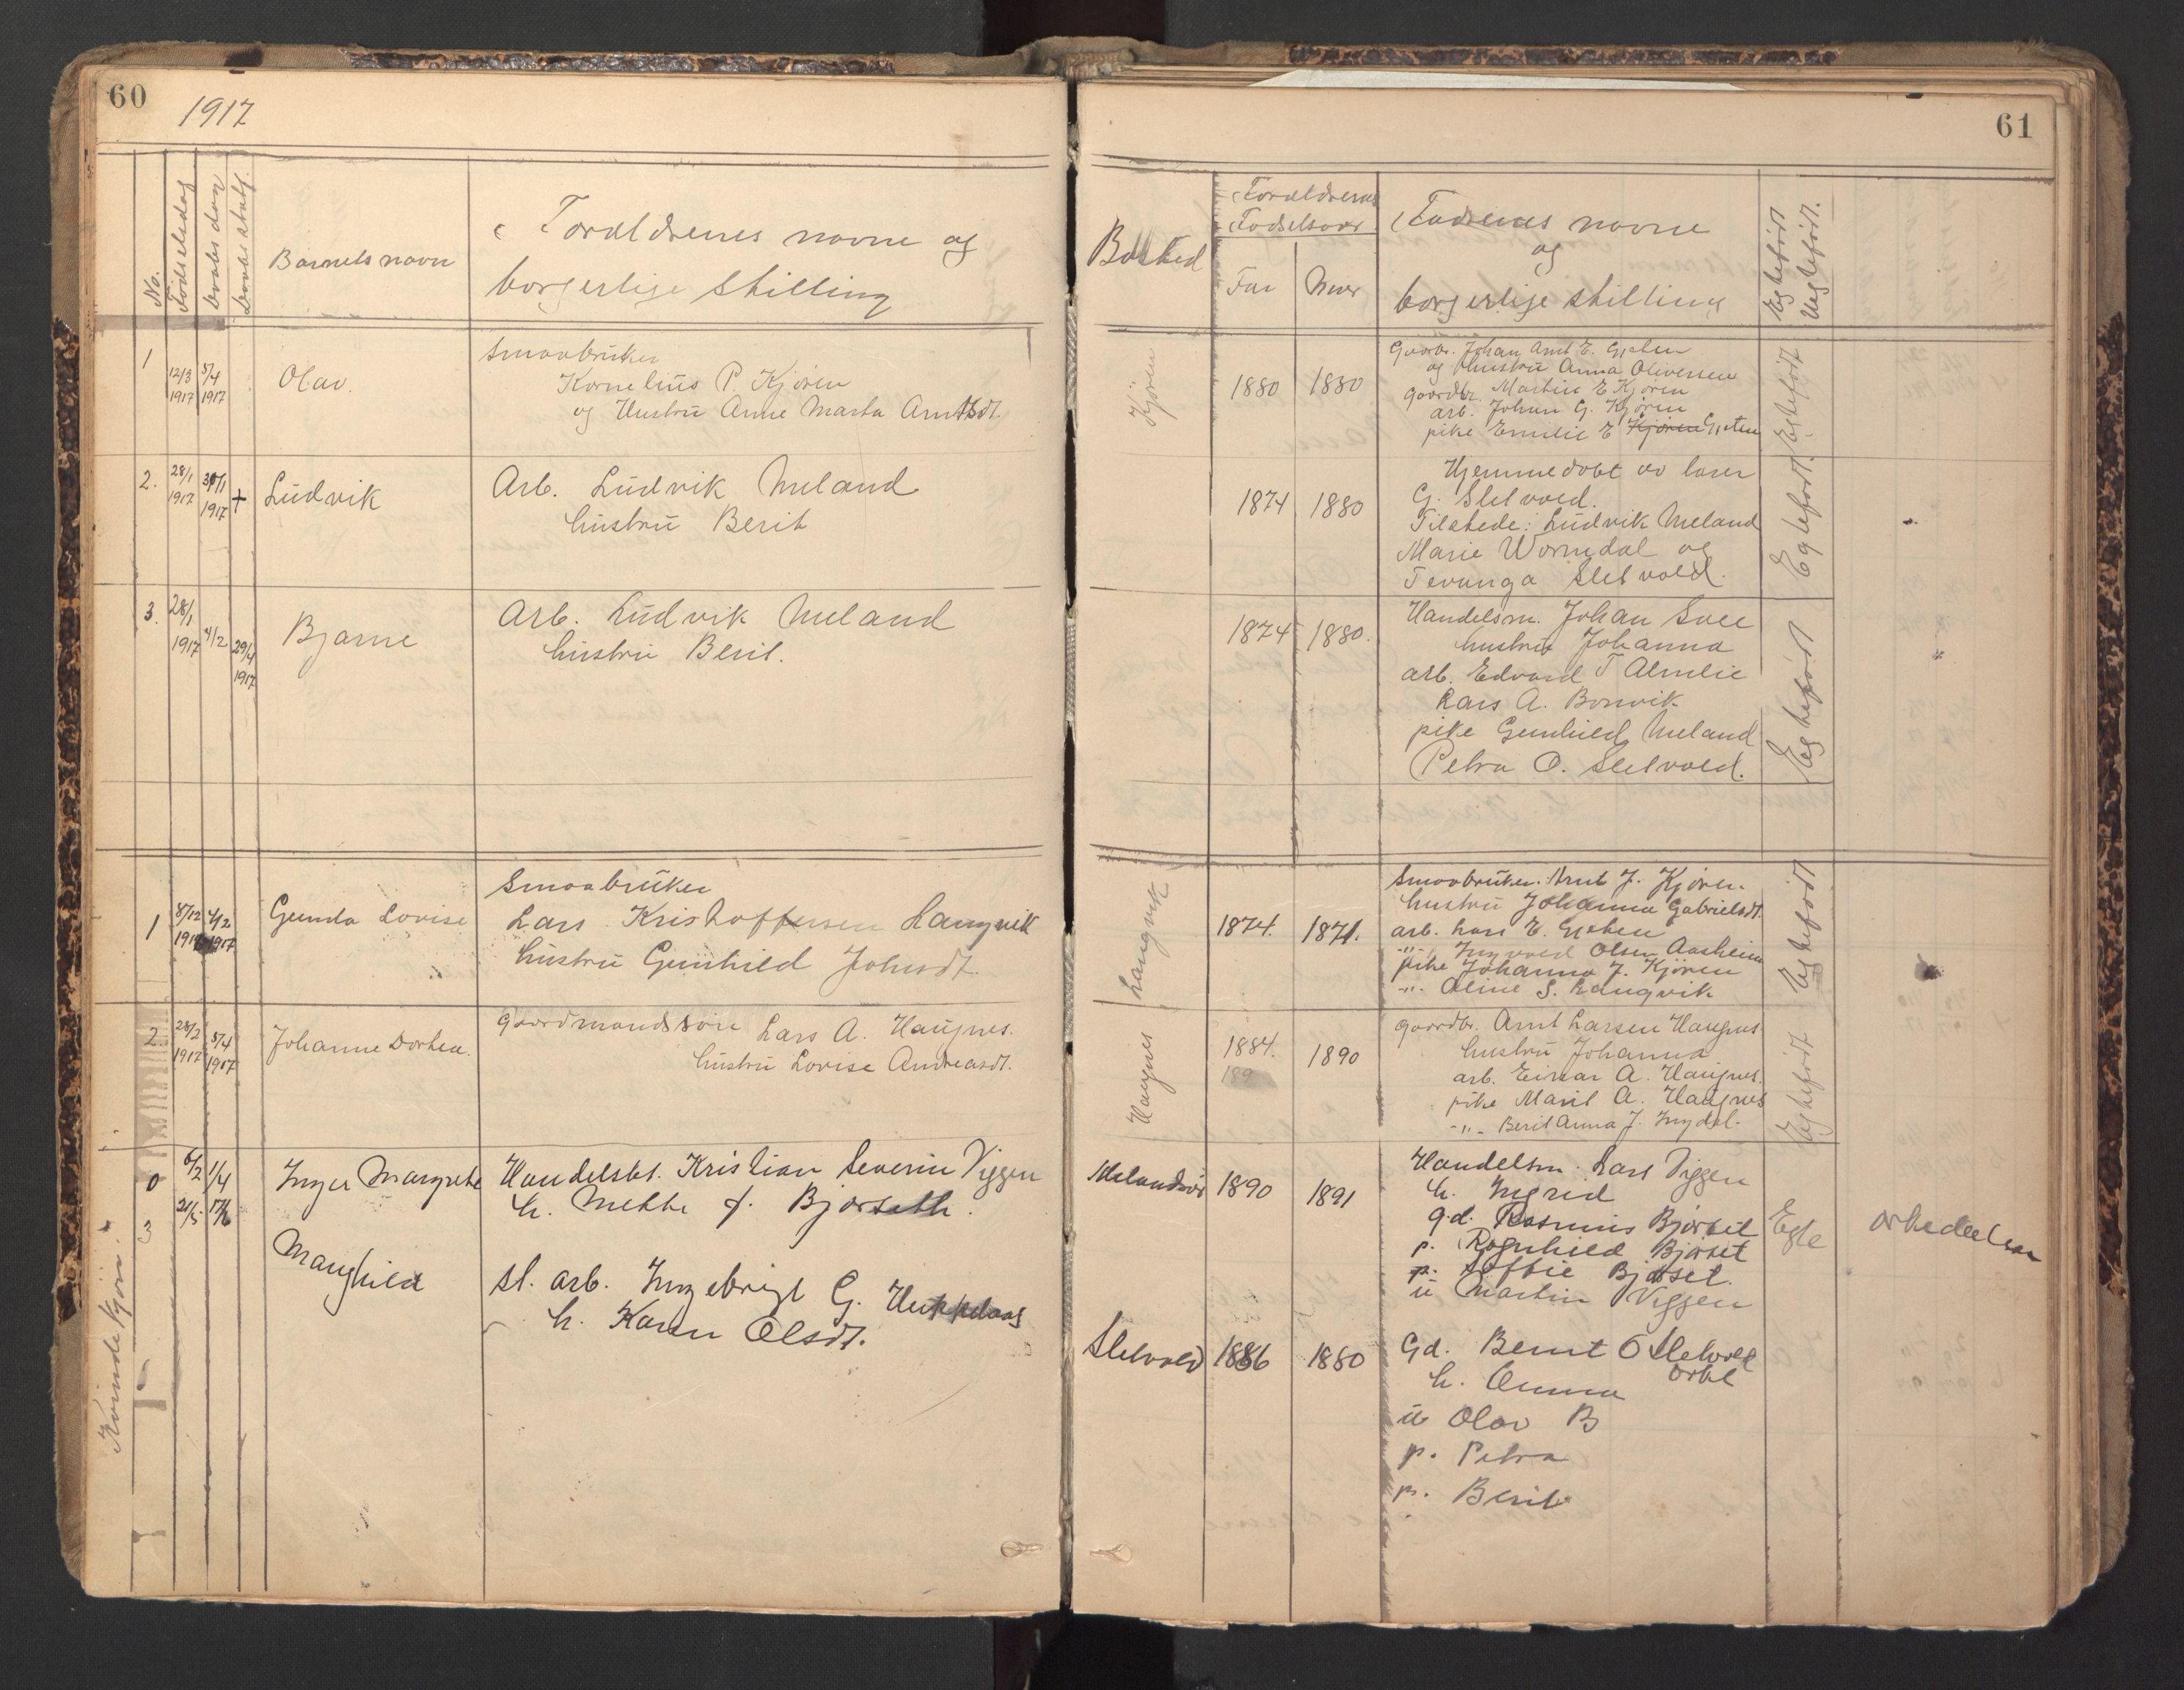 SAT, Ministerialprotokoller, klokkerbøker og fødselsregistre - Sør-Trøndelag, 670/L0837: Klokkerbok nr. 670C01, 1905-1946, s. 60-61